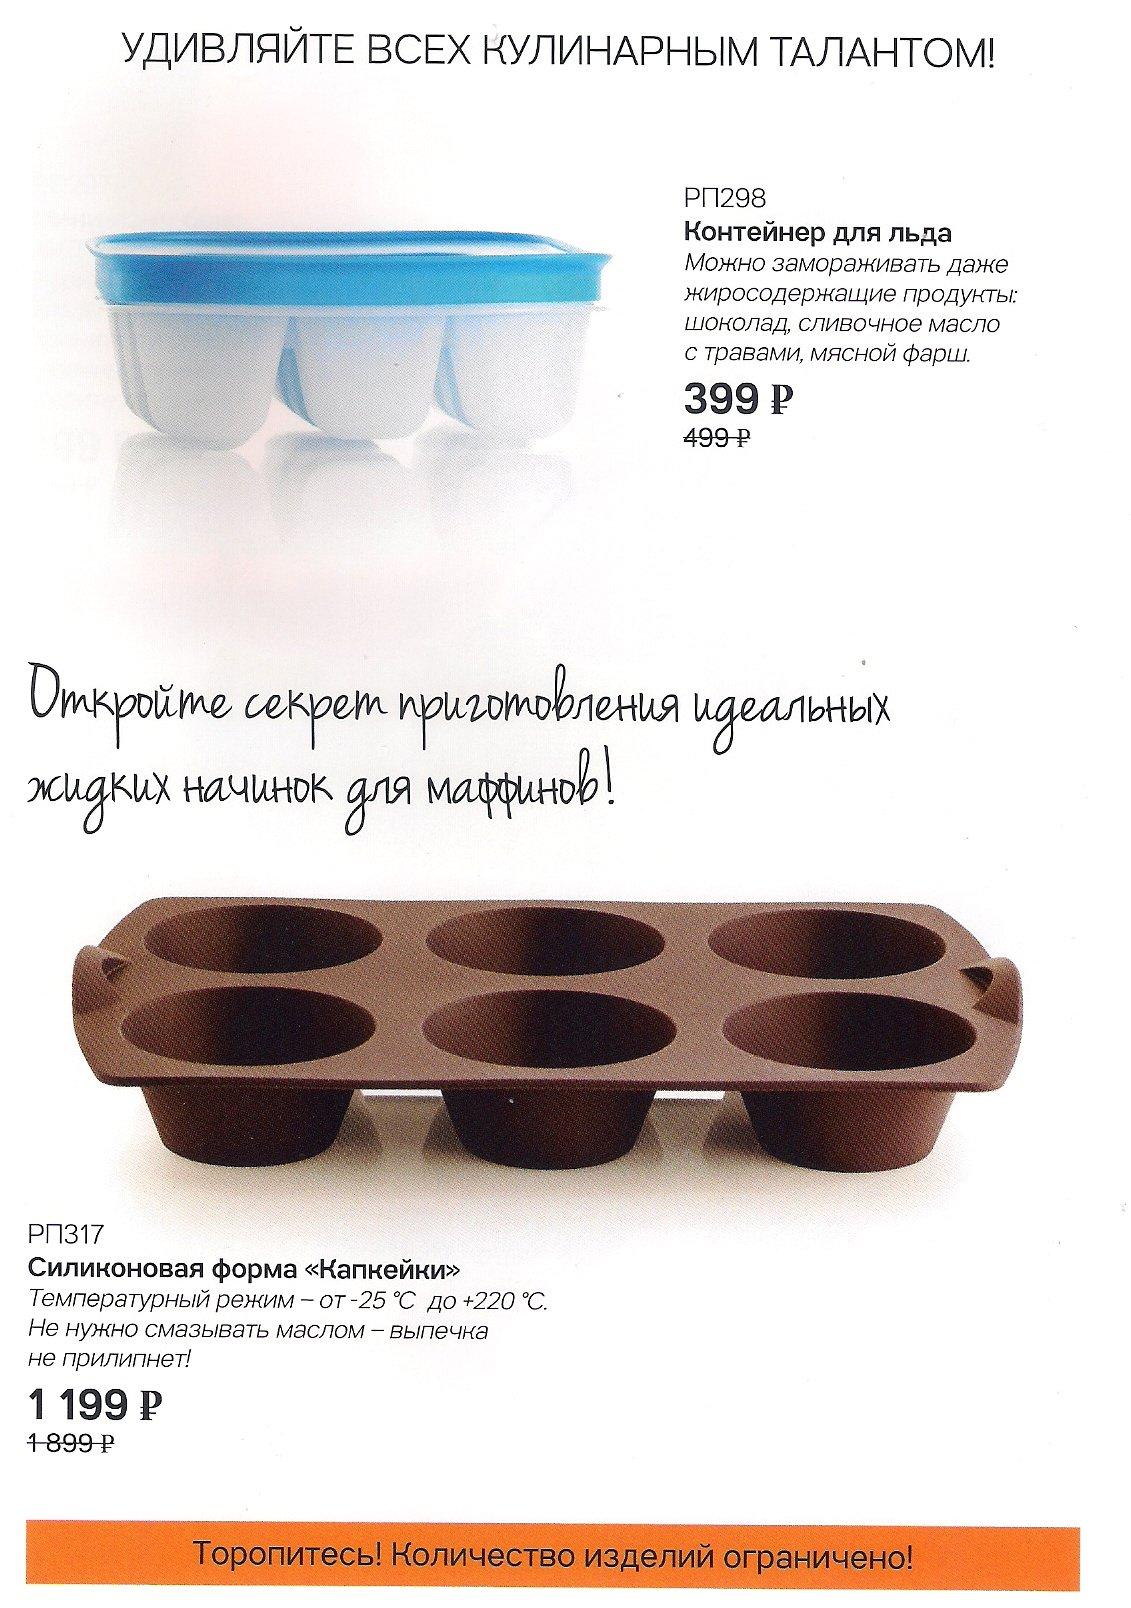 http://tupperware-online.ru/images/upload/3c.jpg